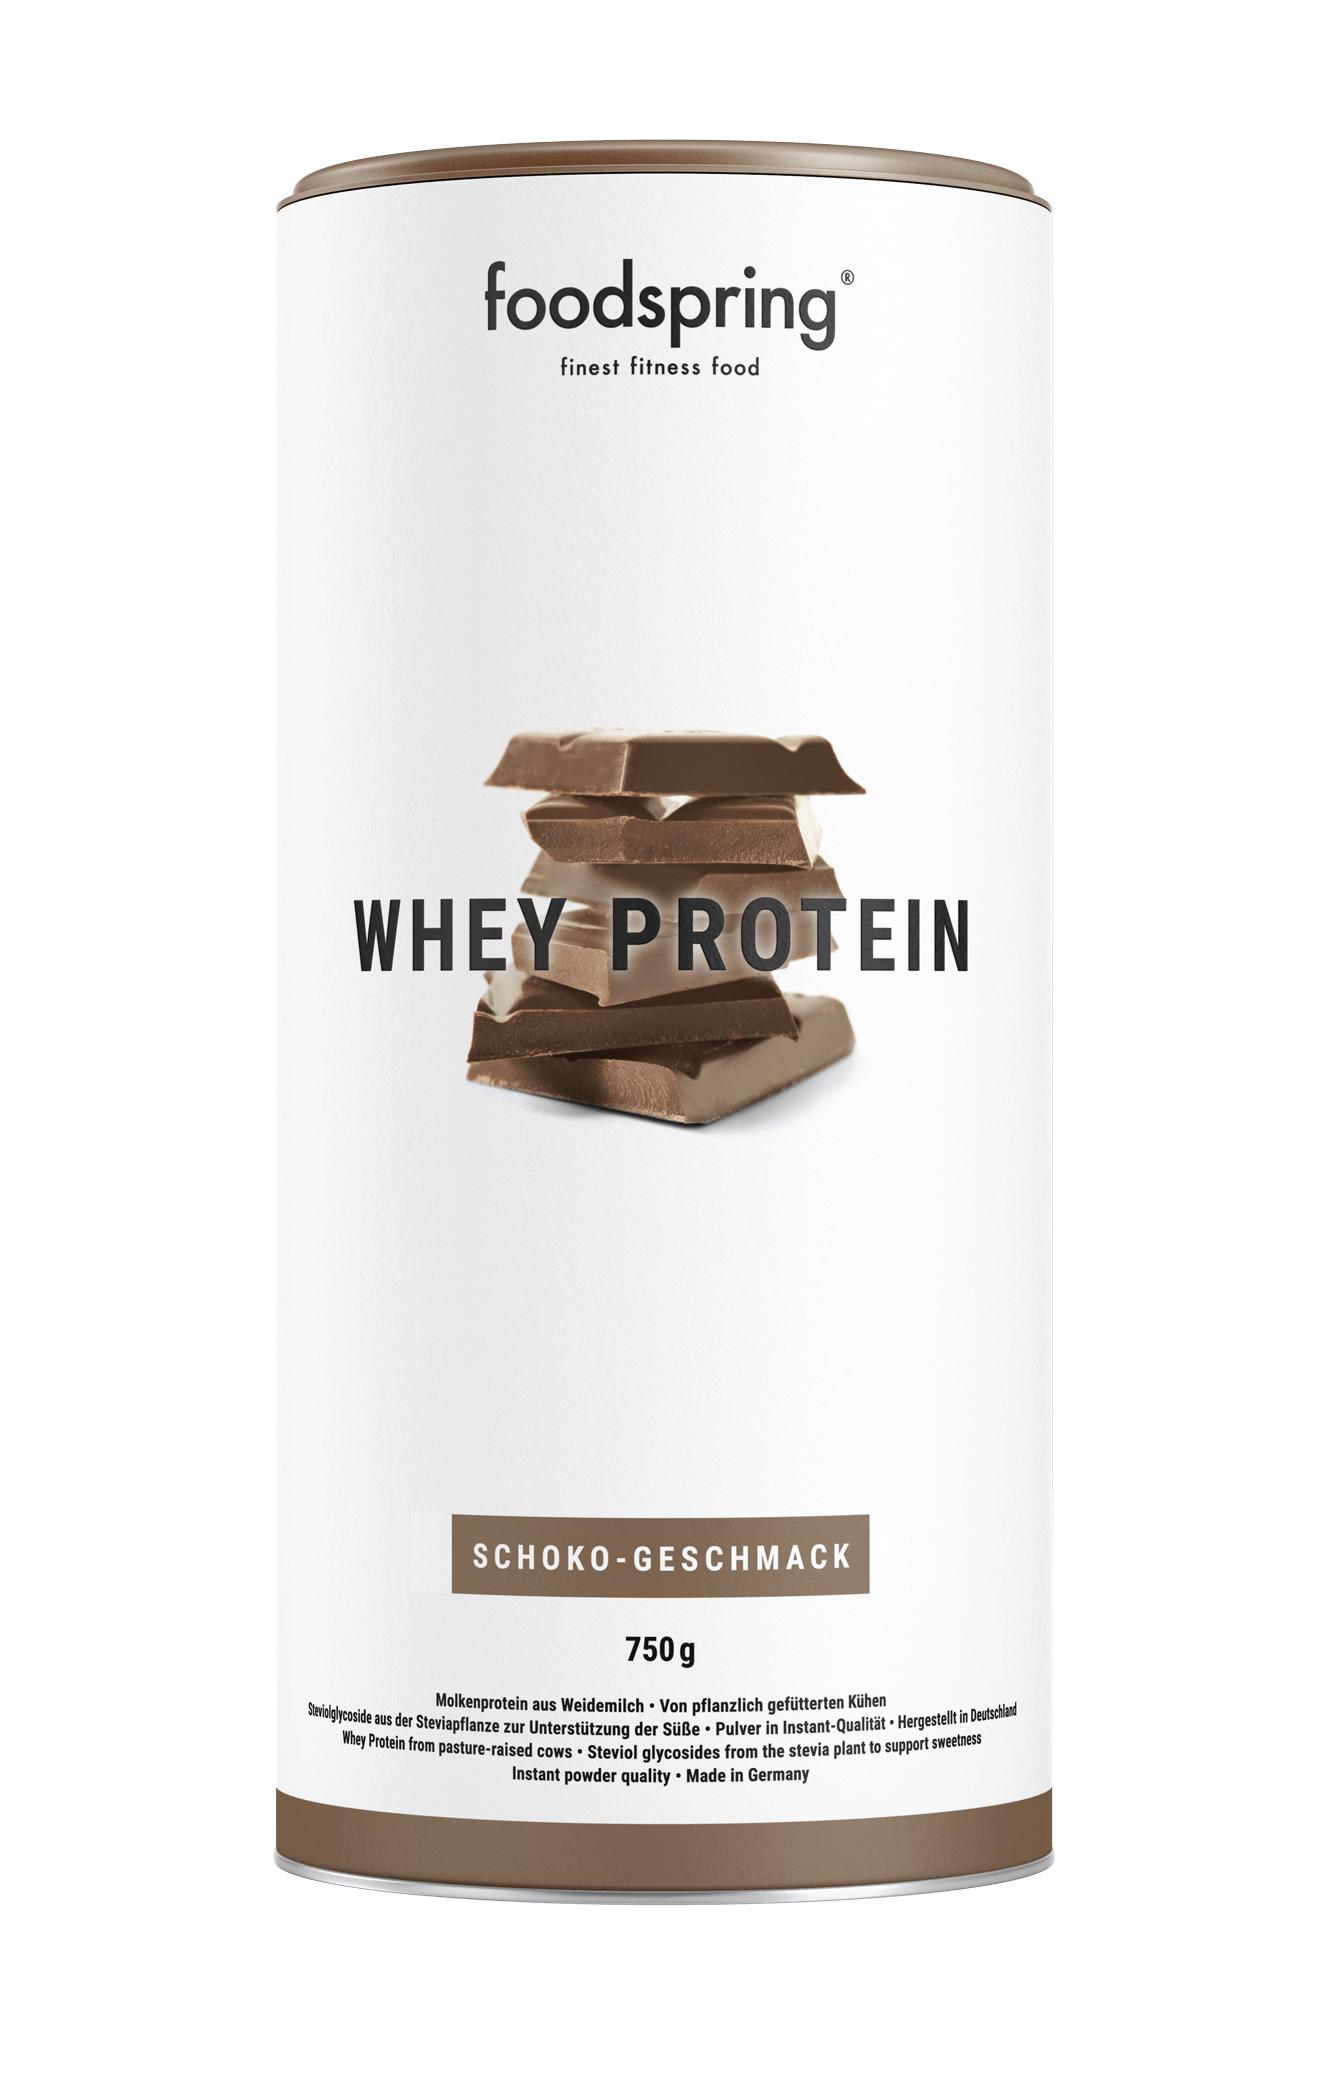 """WHEY PROTEIN - """"Weideprotein für stärkere Muskeln"""" - Mit kostenlosem Shaker"""